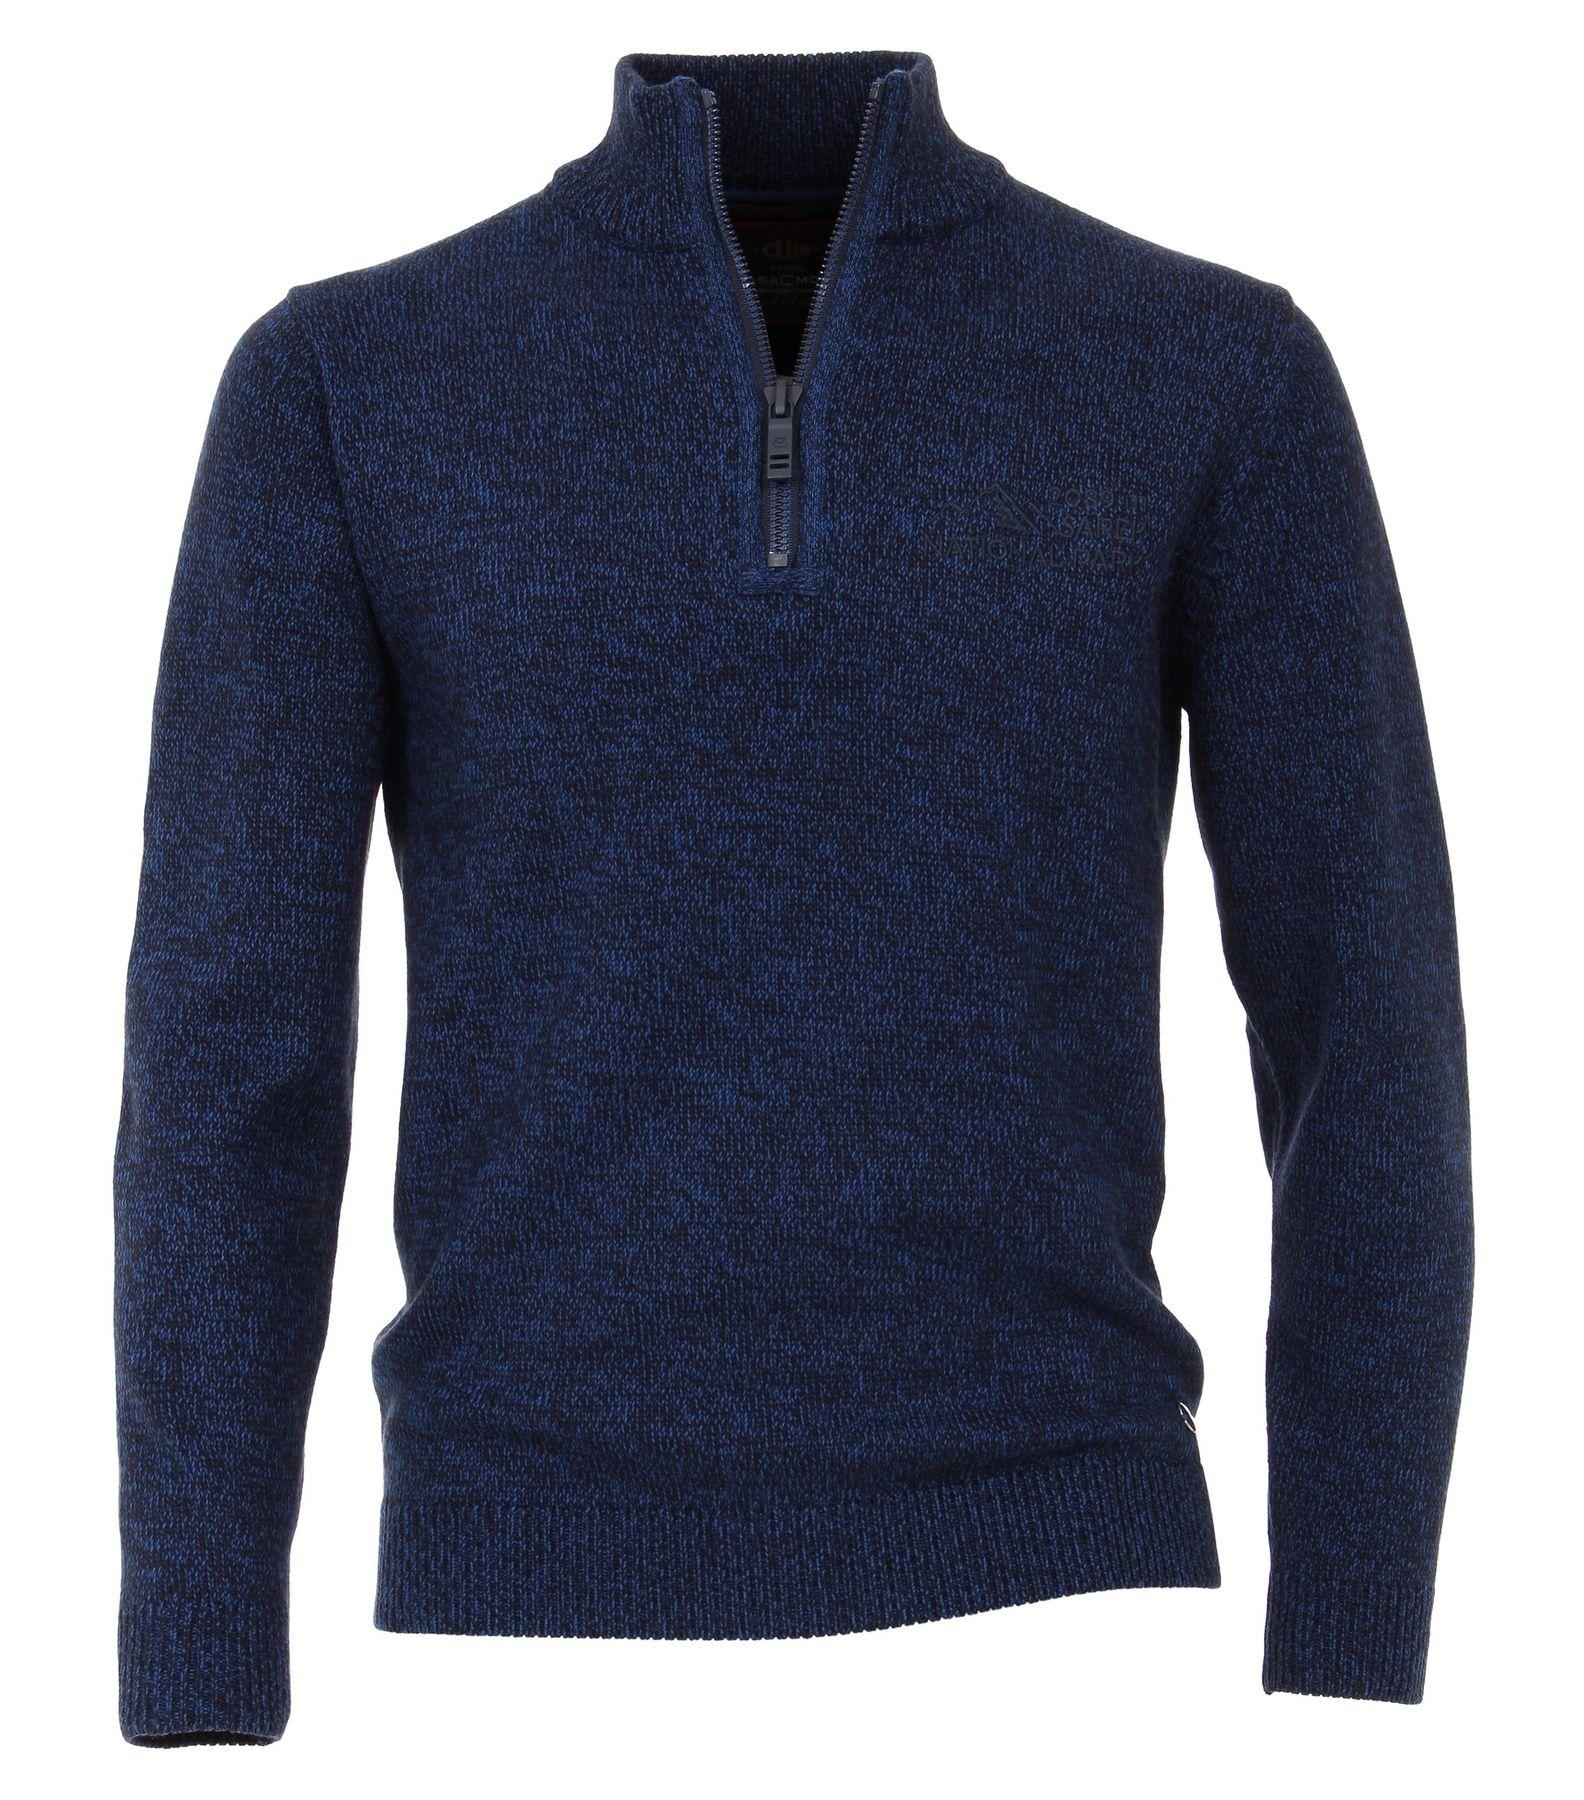 Casa Moda - Herren Troyer unifarben mit Reißverschluss und Stickerei auf der Brust in blau oder rot (472847200)